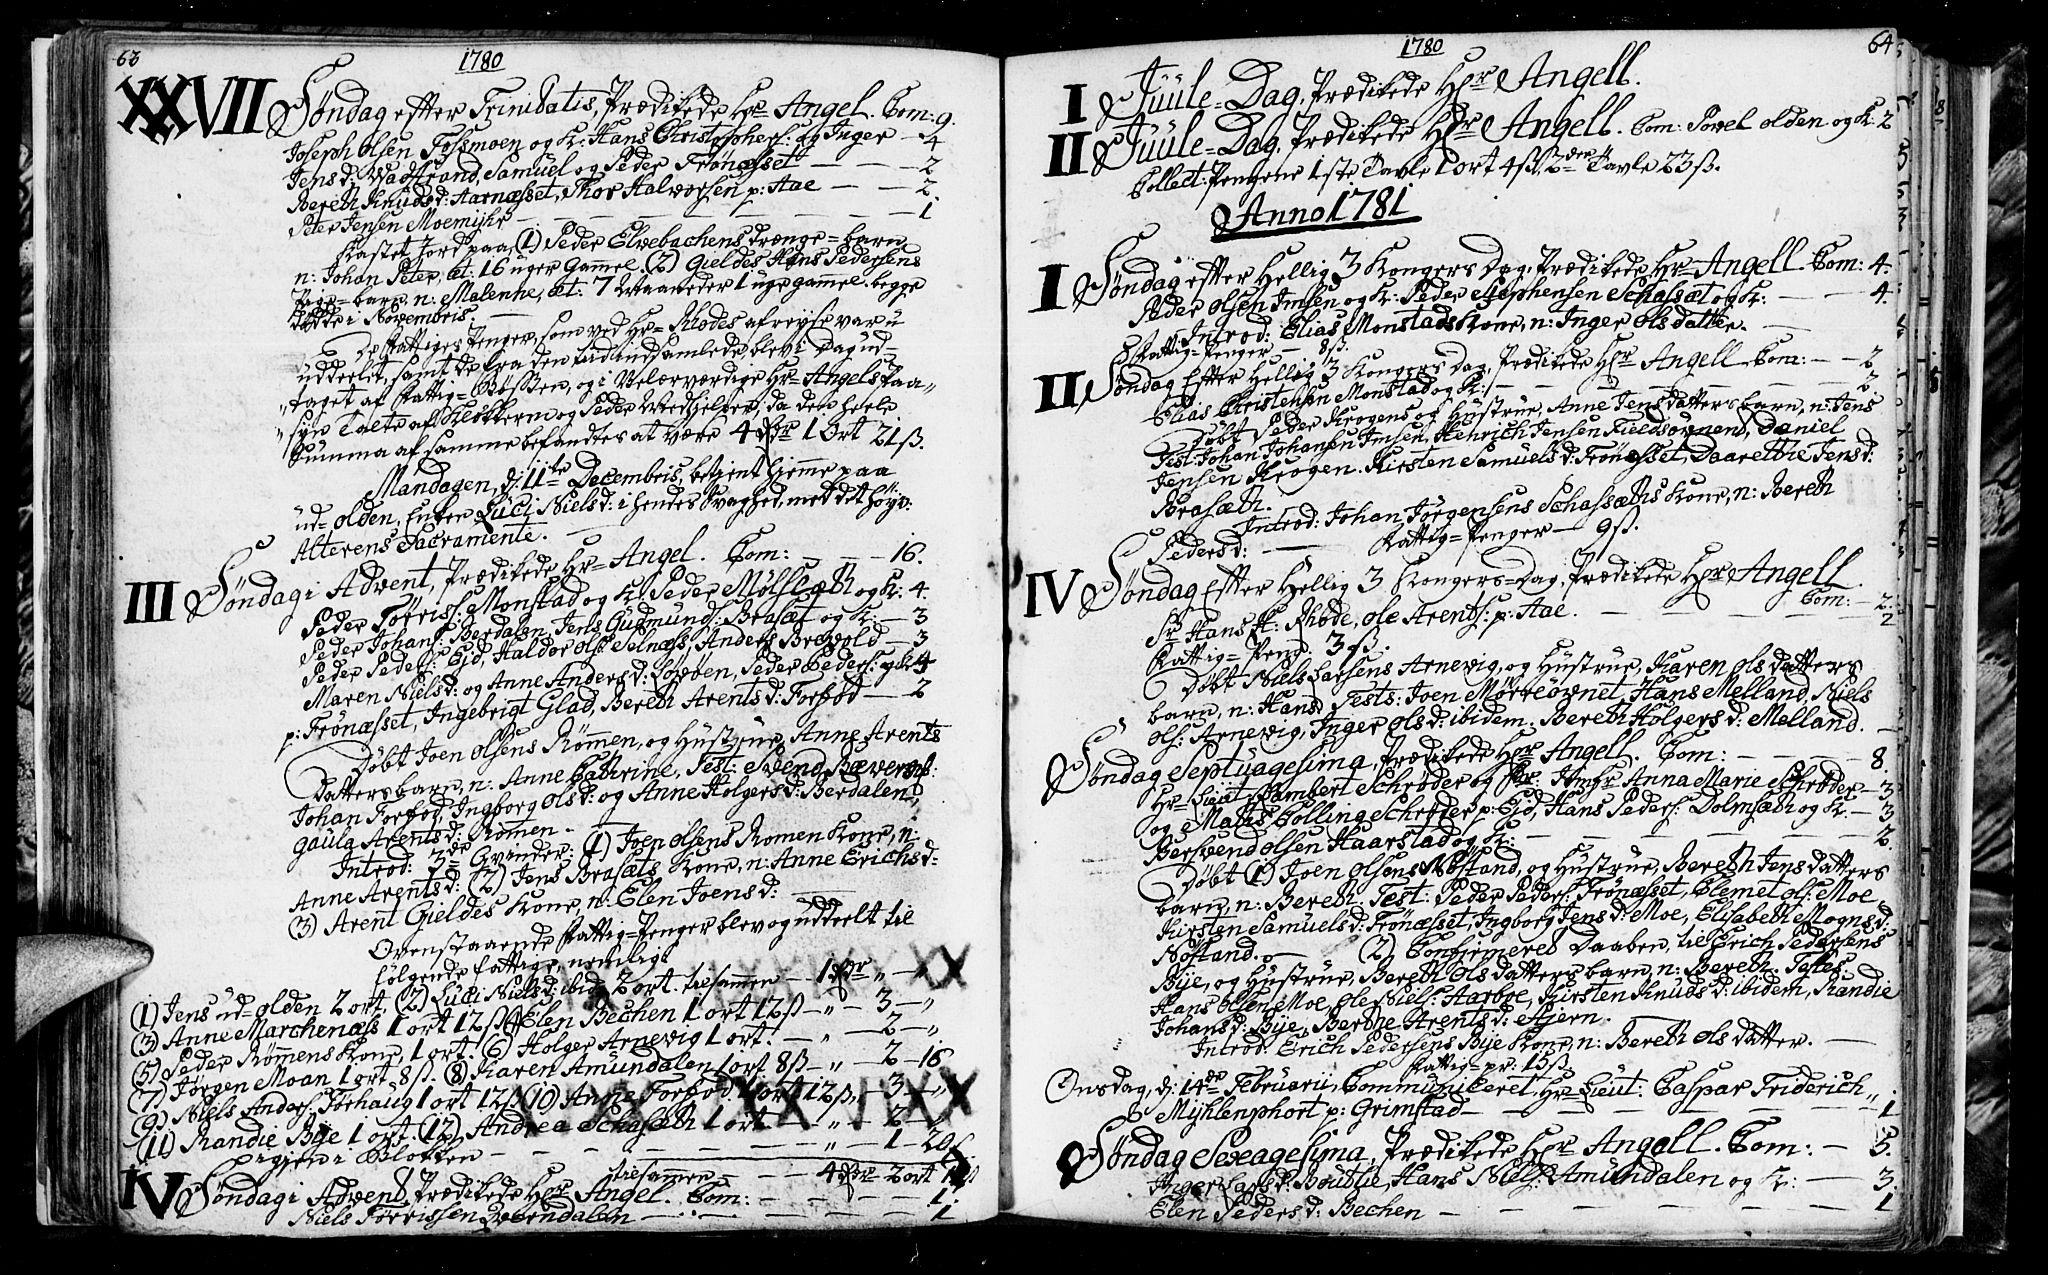 SAT, Ministerialprotokoller, klokkerbøker og fødselsregistre - Sør-Trøndelag, 655/L0685: Klokkerbok nr. 655C01, 1777-1788, s. 63-64